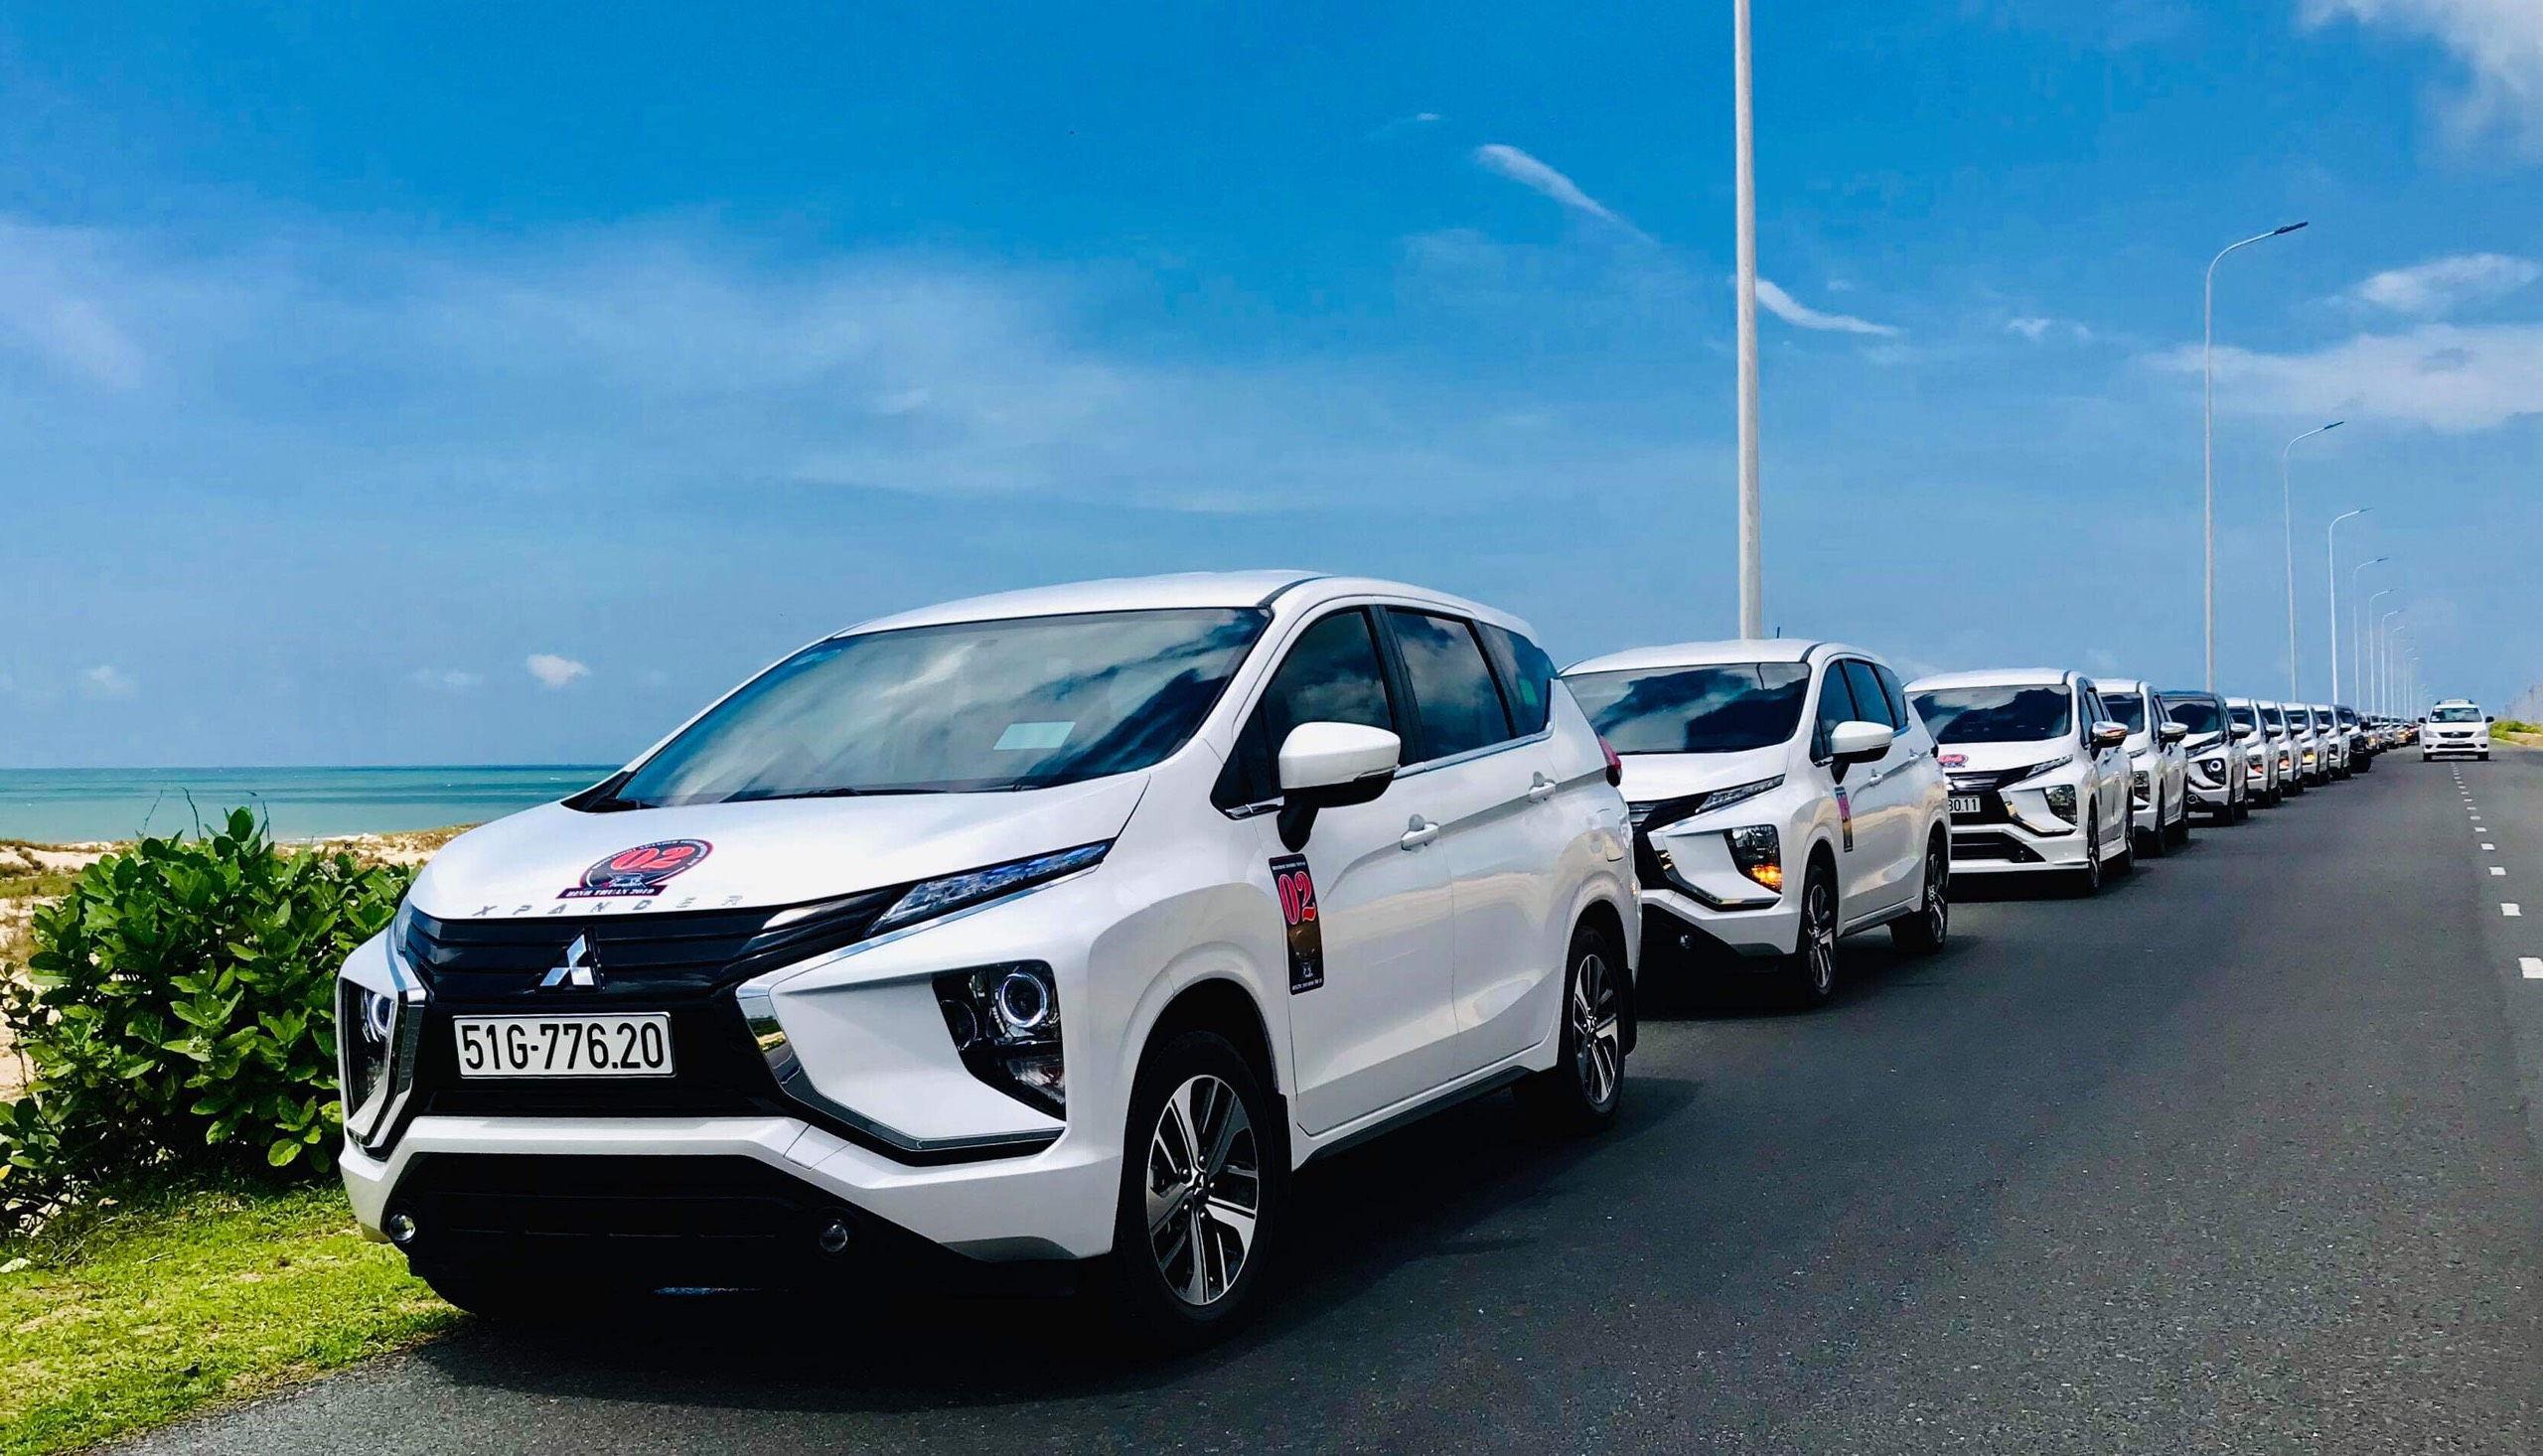 Offline Hội Mitsubishi Xpander Việt Nam Tại Phan Thiết 2019- Biển Hè Hội Tụ